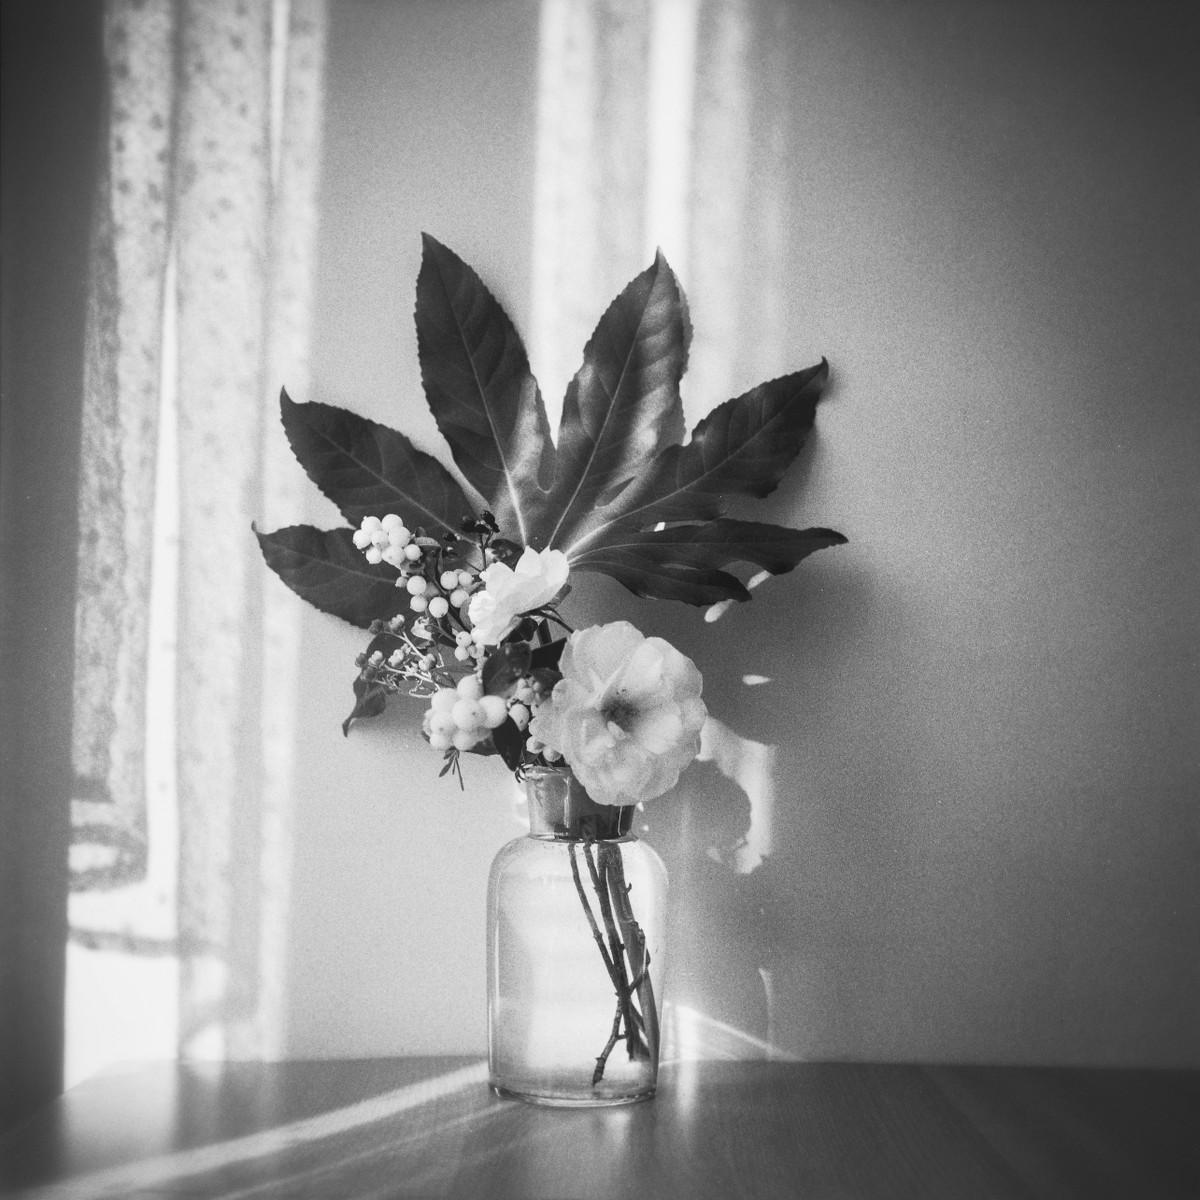 a-flower-01